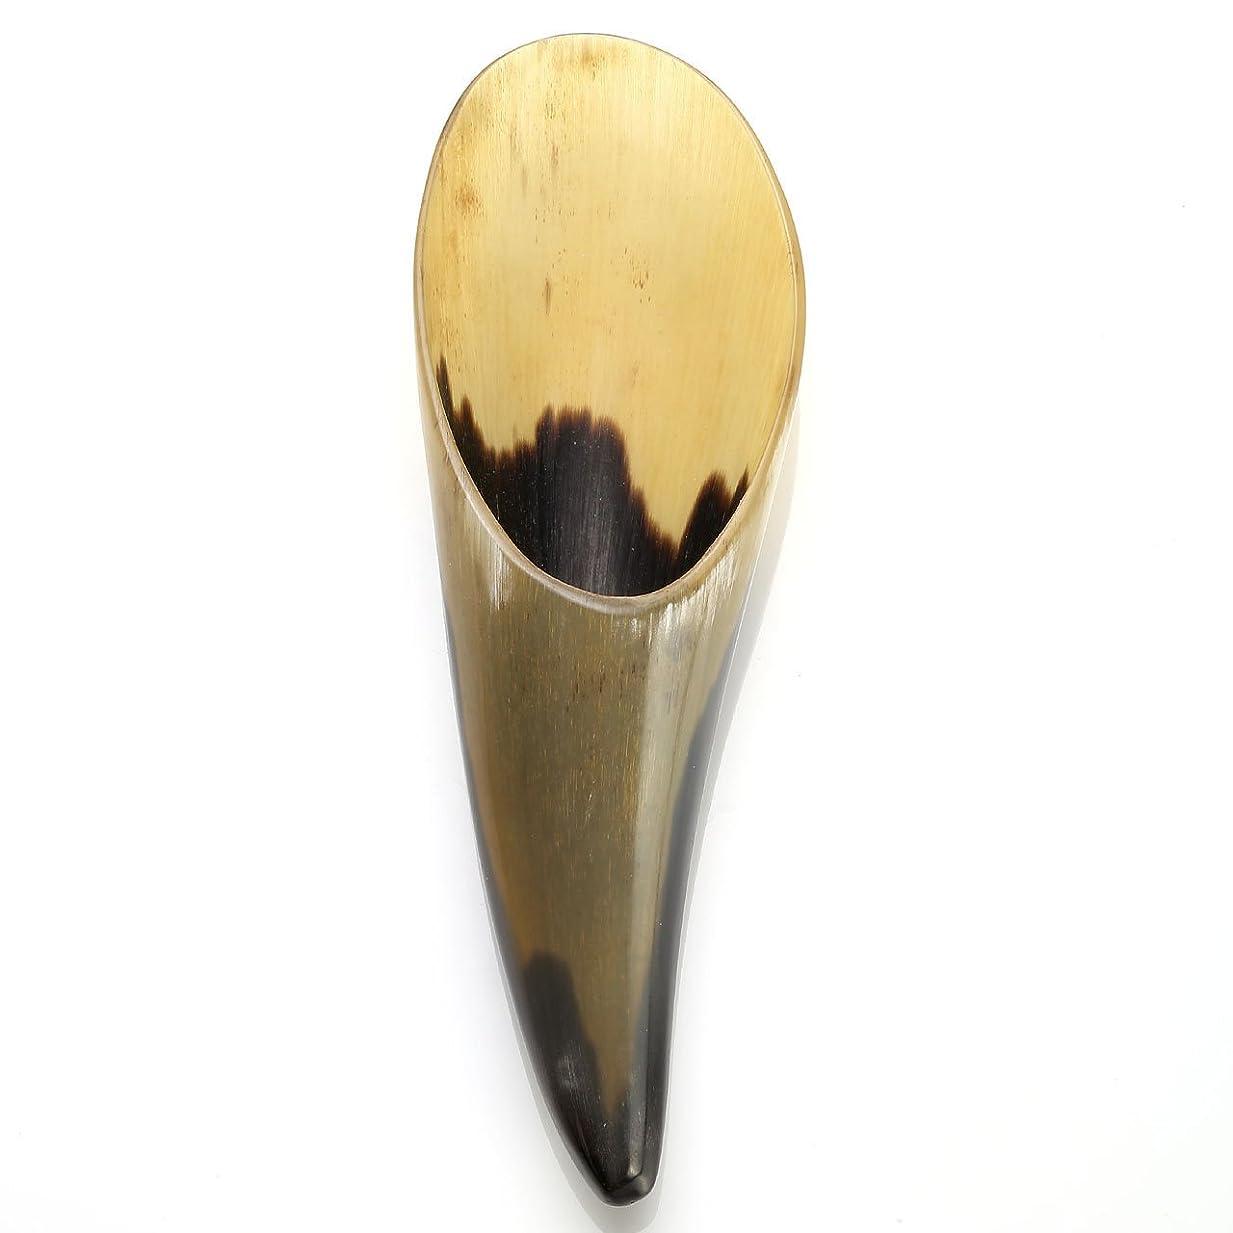 詐欺師ブランド常習者Jovivi Mak 牛の角 カッサ板 美顔 カッサボード カッサマッサージ道具 刮莎棒 ギフトバッグを提供 (タイプ1)